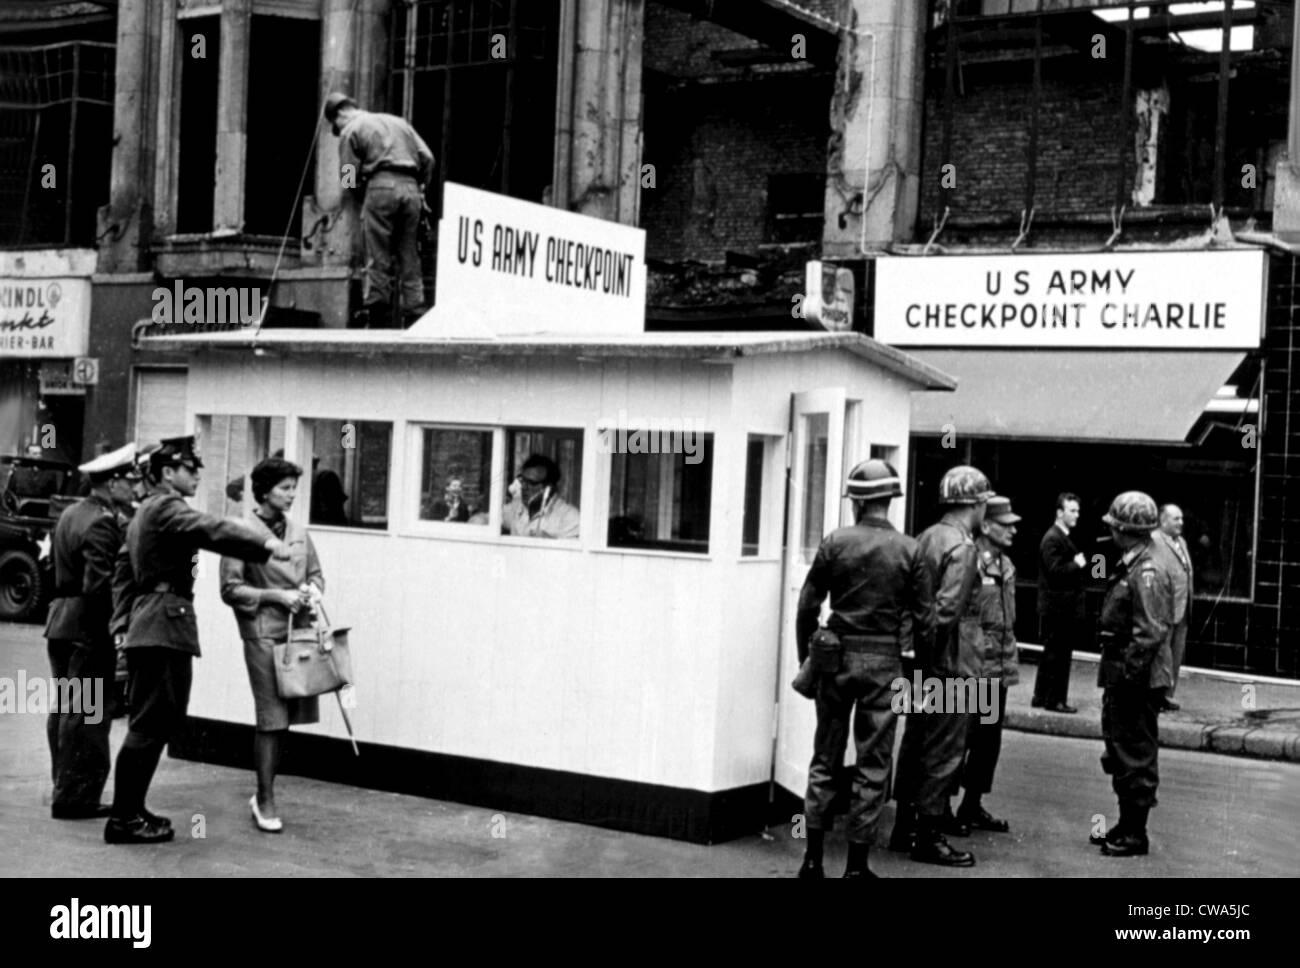 El Checkpoint Charlie del Muro de Berlín, 27/09/67. Cortesía: CSU Archives / Everett Collection Imagen De Stock